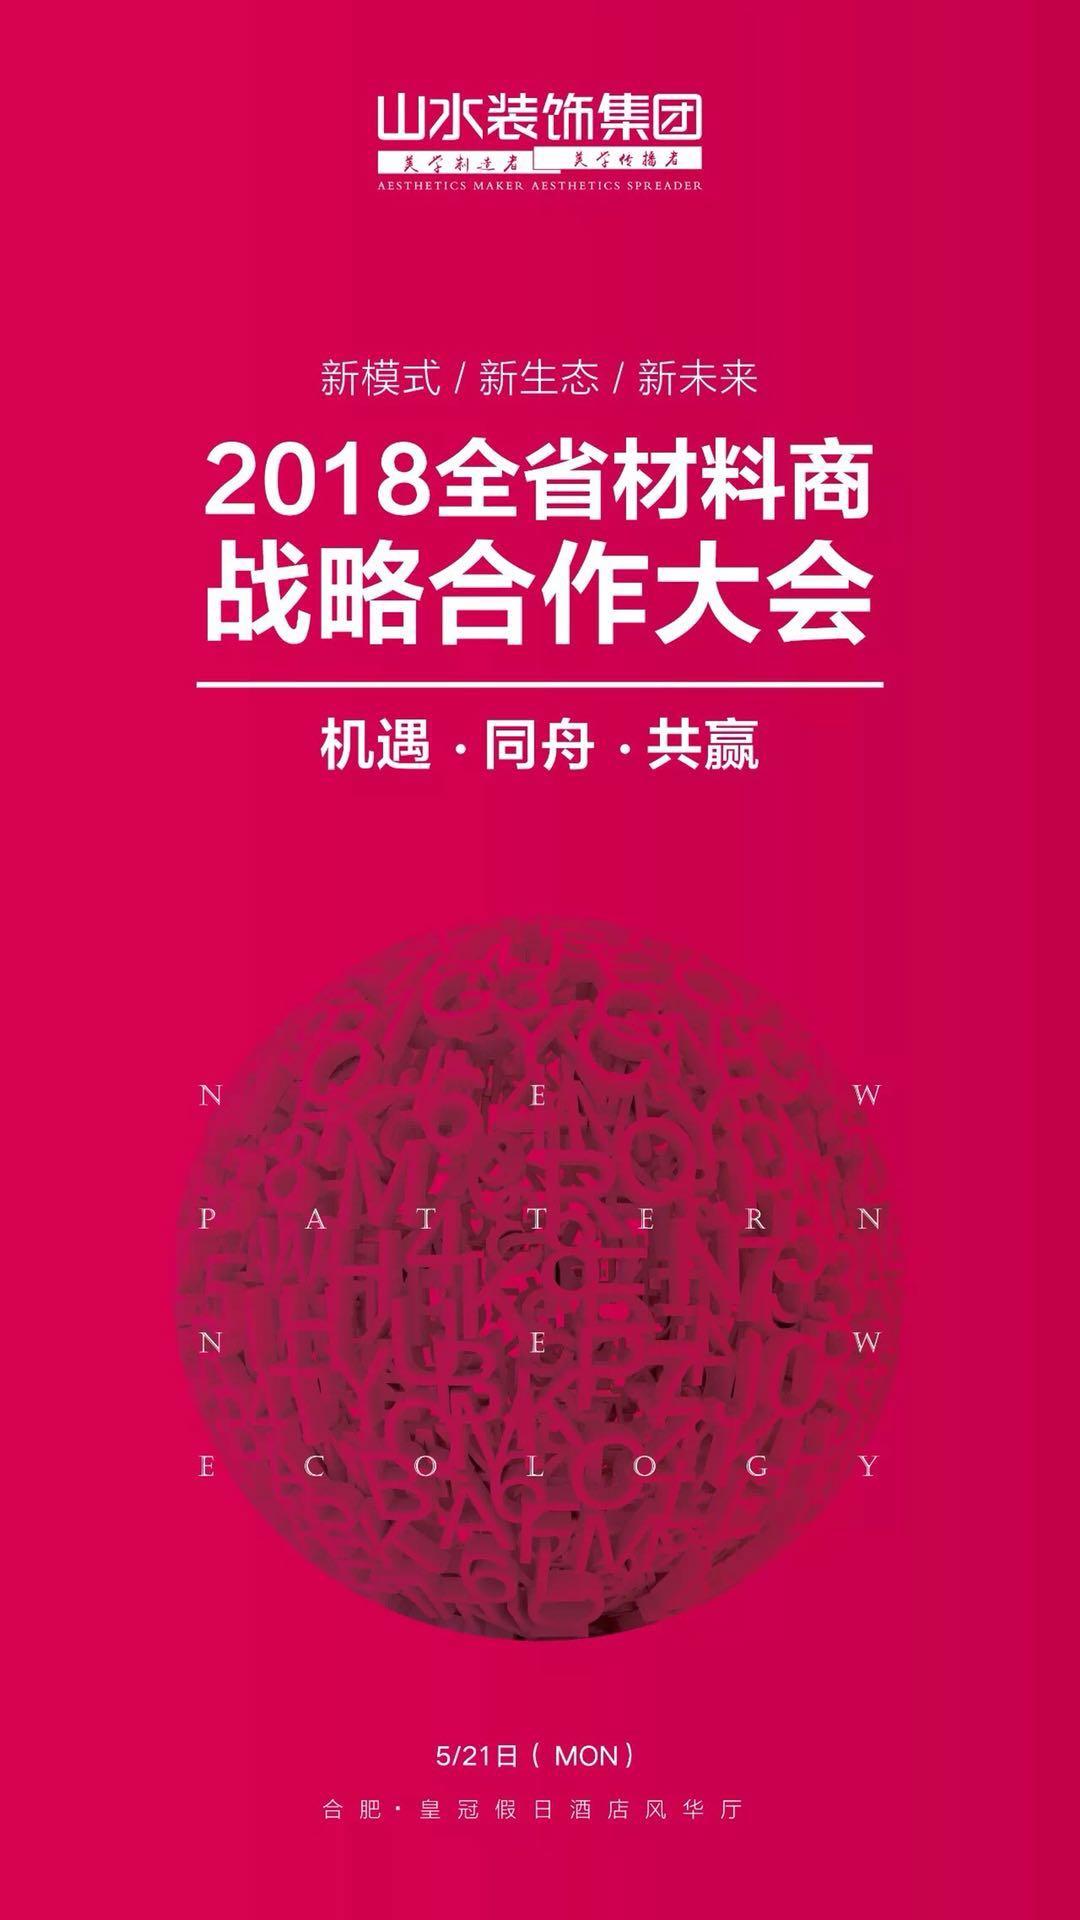 """""""2018山水装饰集团全省材料商战略合作大会""""成功举办"""